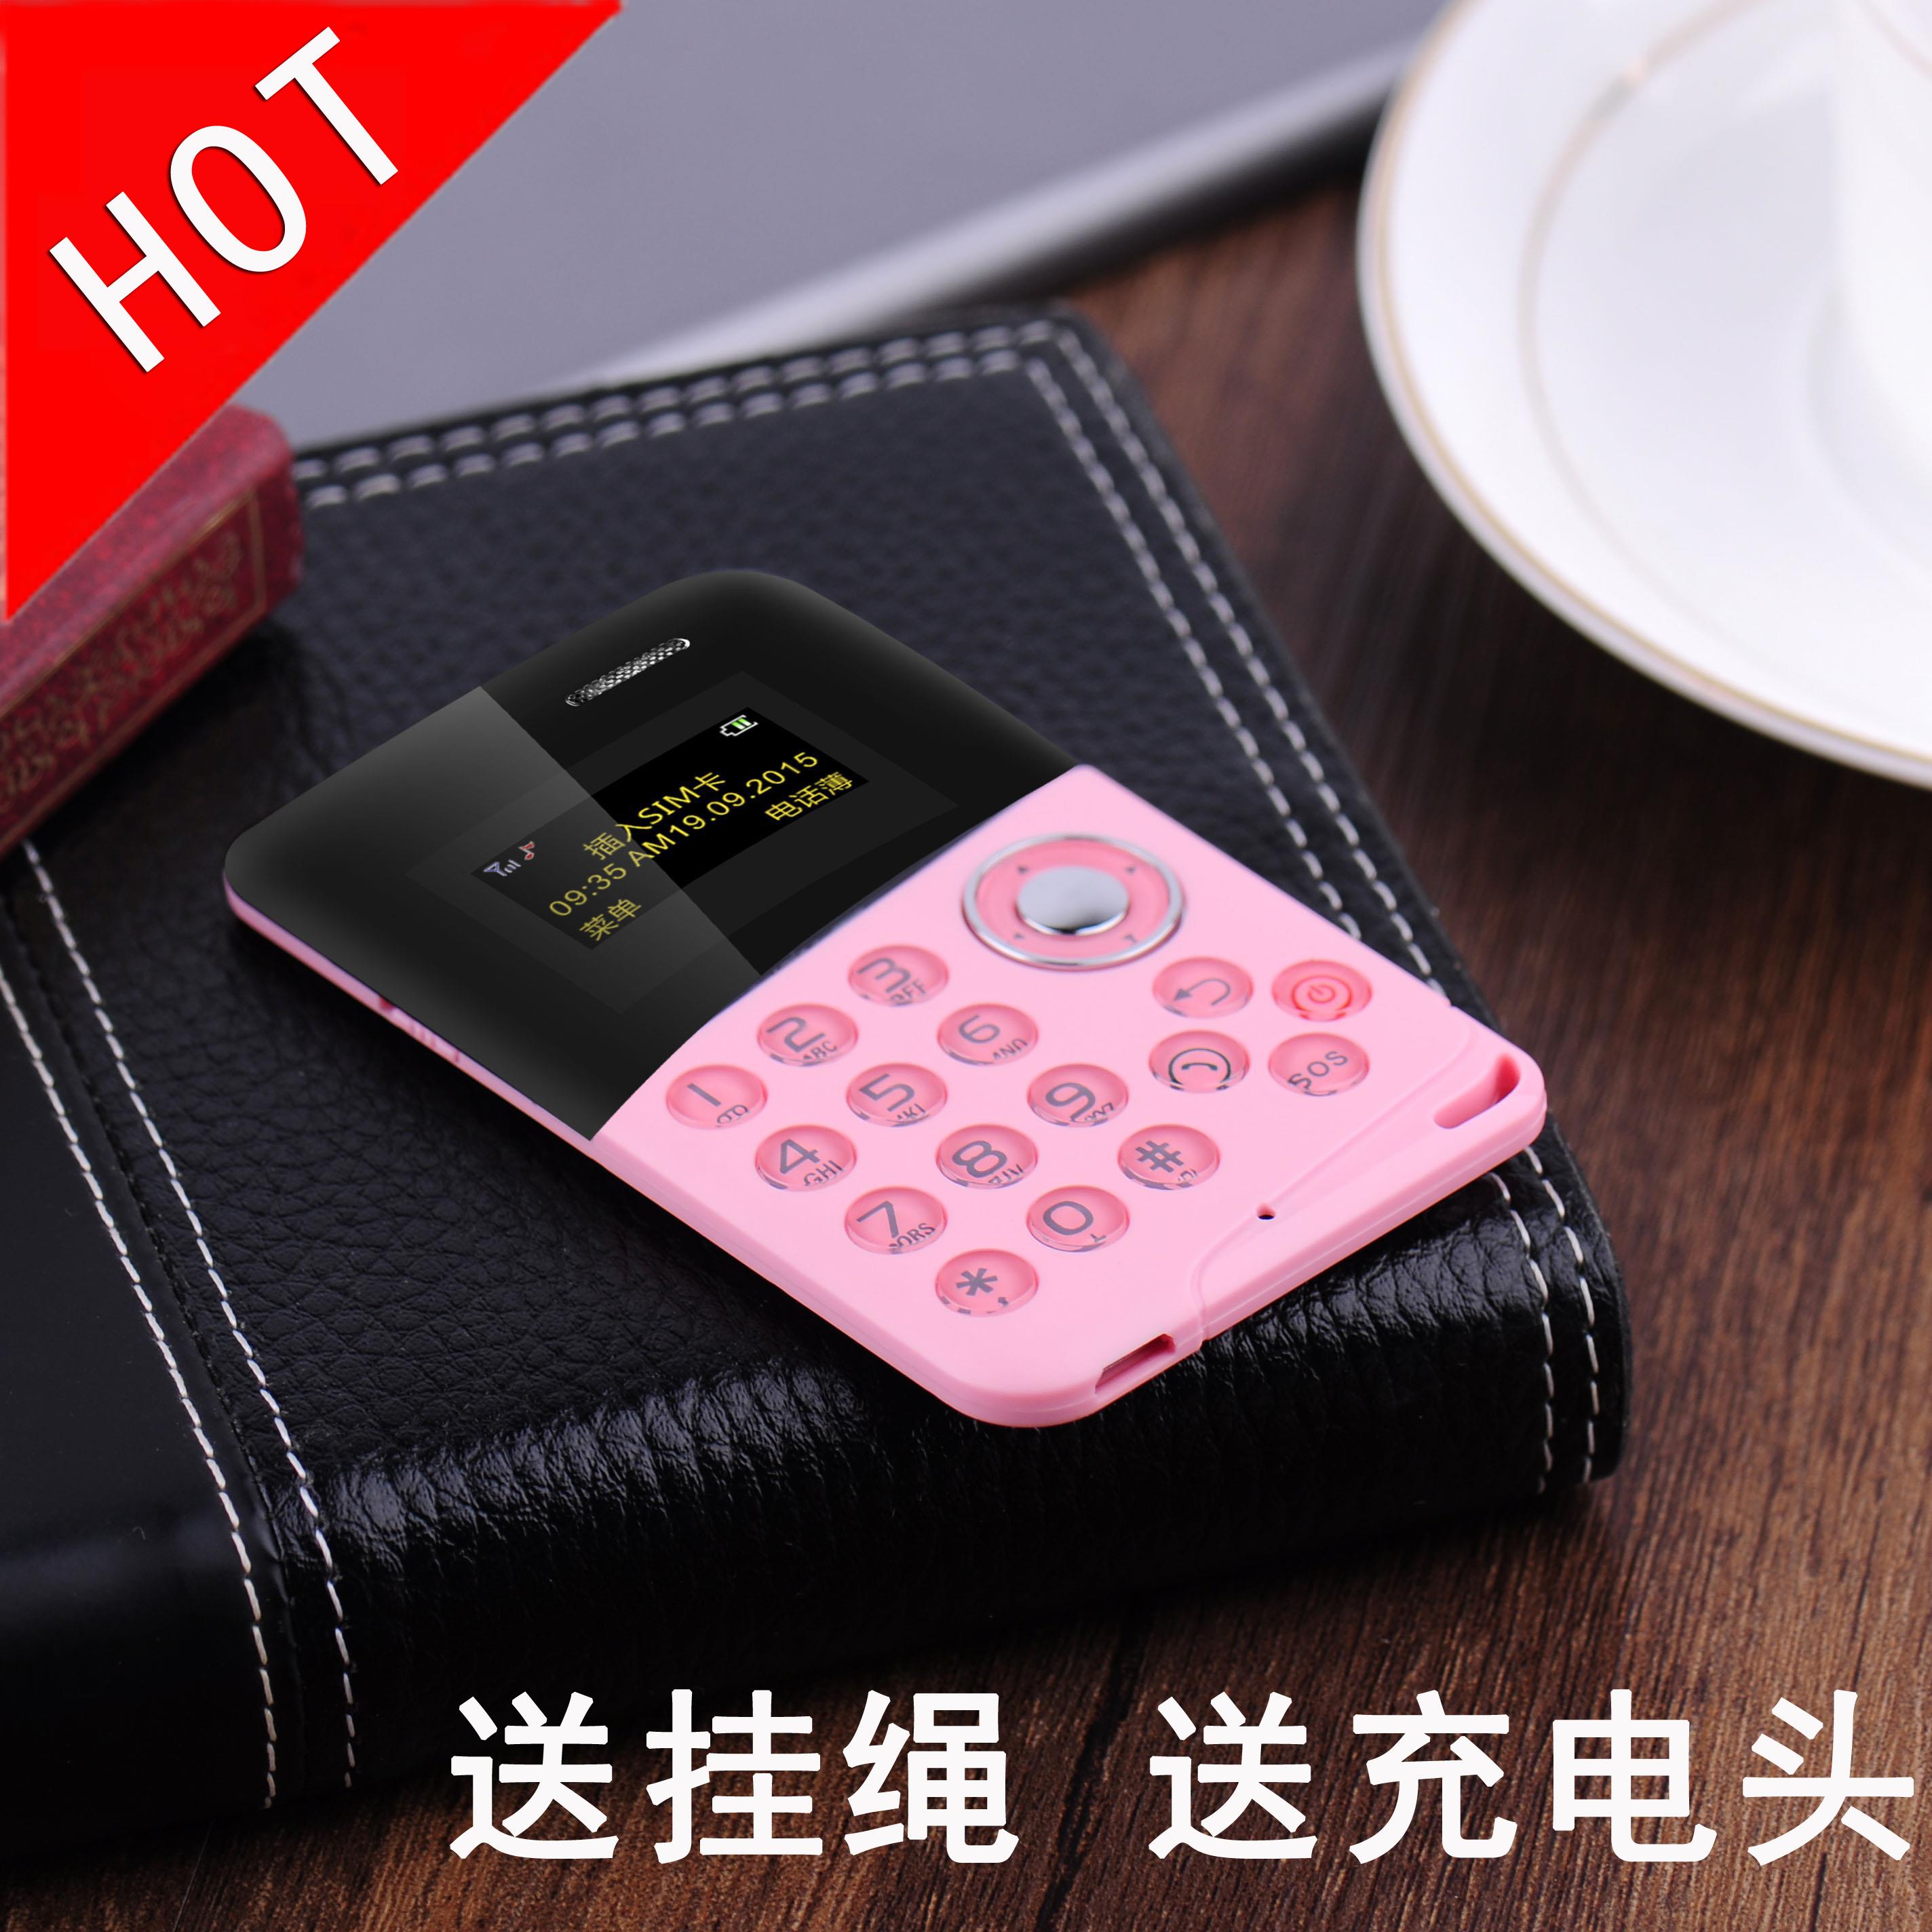 Мобильные телефоны Артикул 561832326306